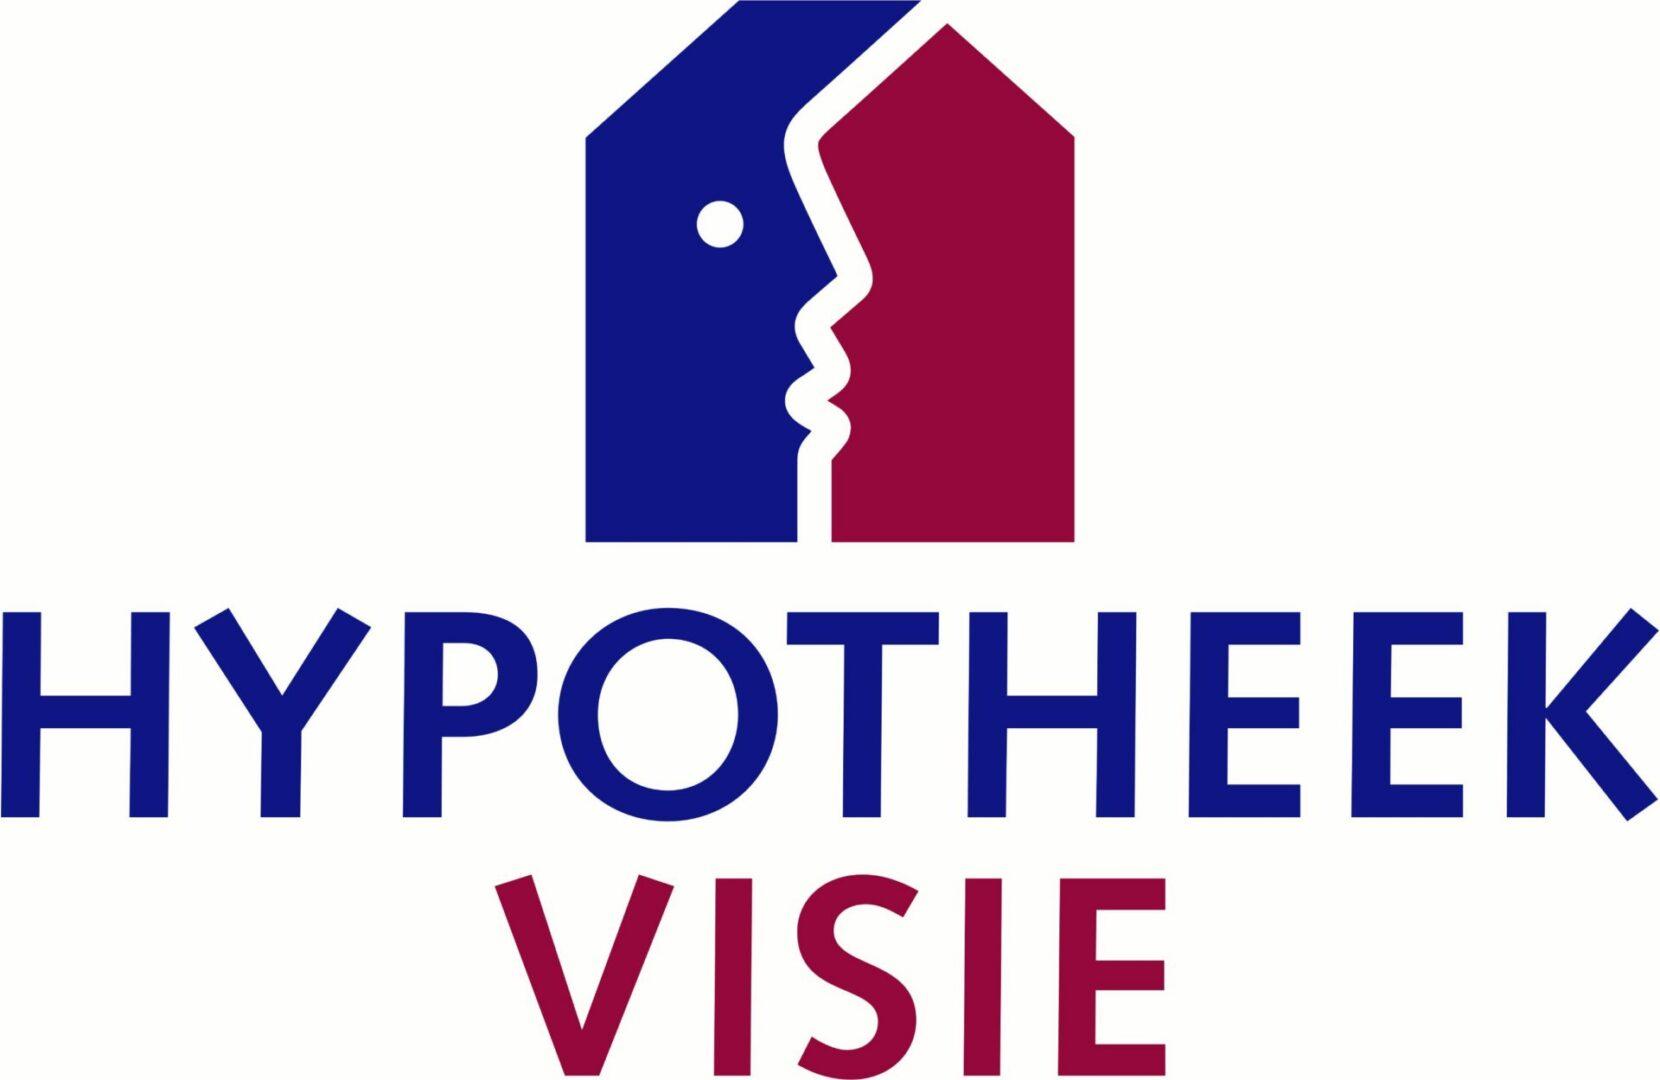 Hypotheek Visie Westland